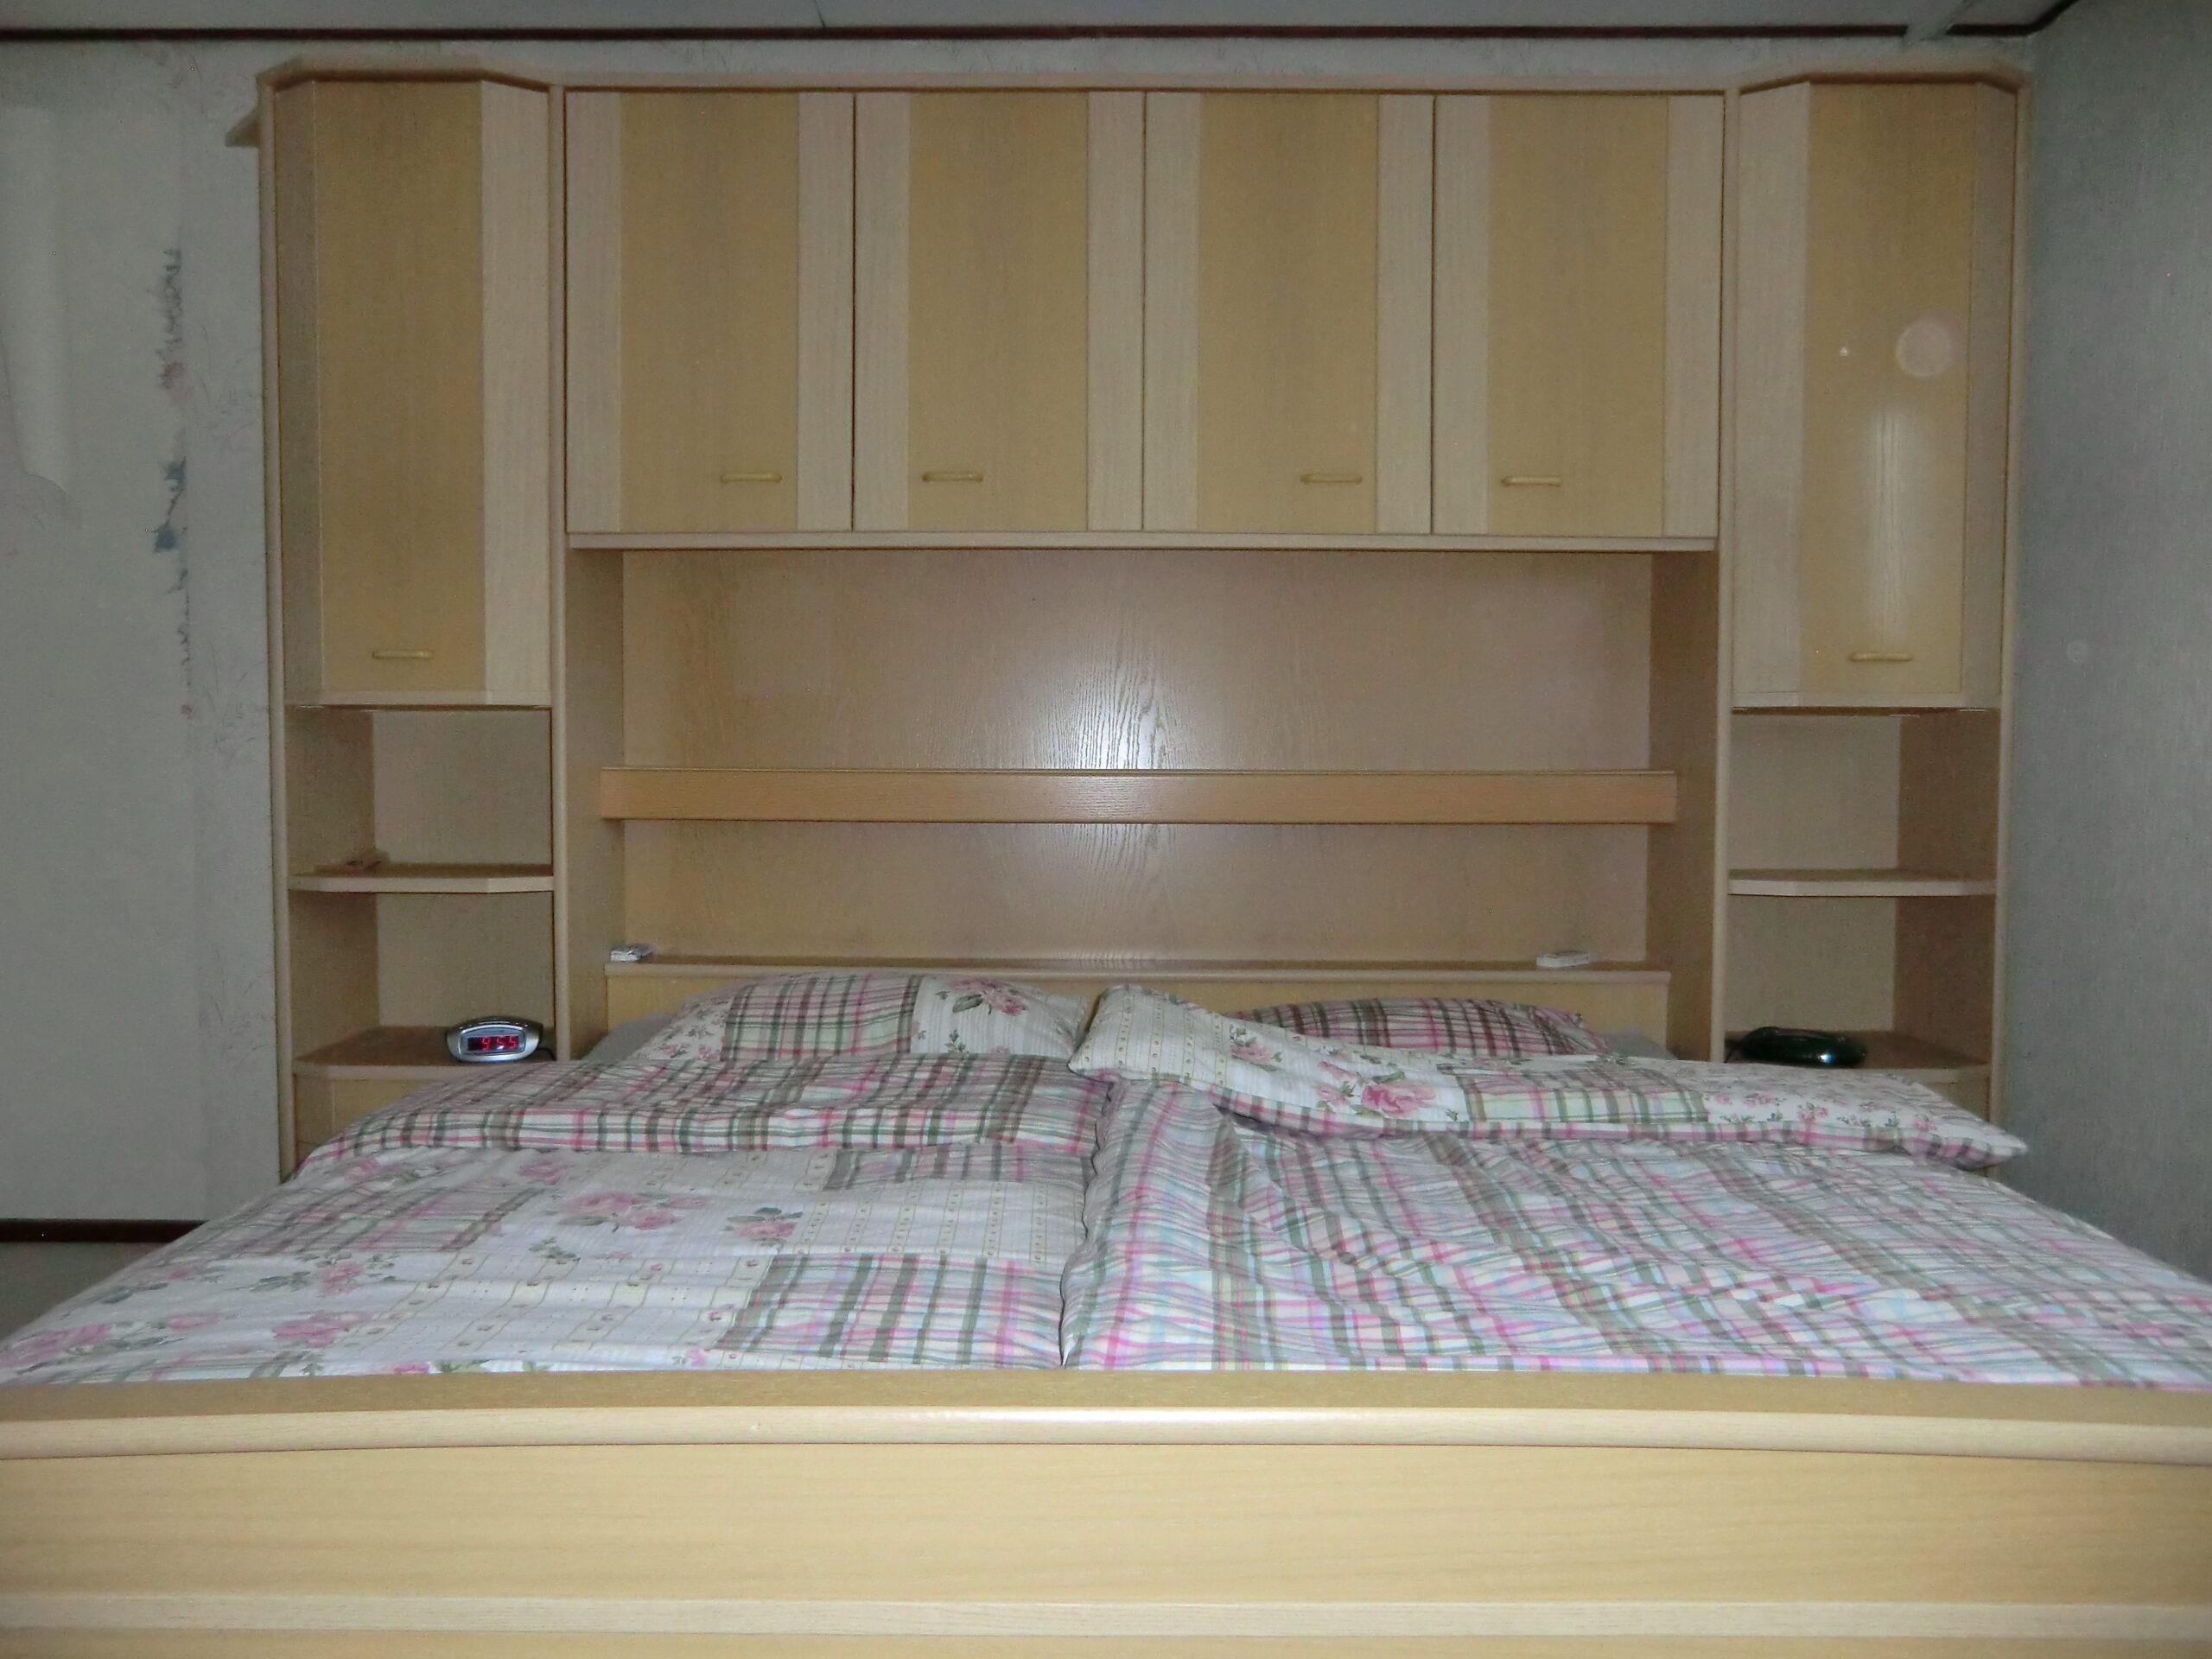 Full Size of Bett Mit überbau Angebote 140 X 200 220 Betten De Rauch 180x200 Schreibtisch Sofa Schlaffunktion Federkern Hamburg Gästebett Nussbaum Rückenlehne Podest Wohnzimmer Bett Mit überbau